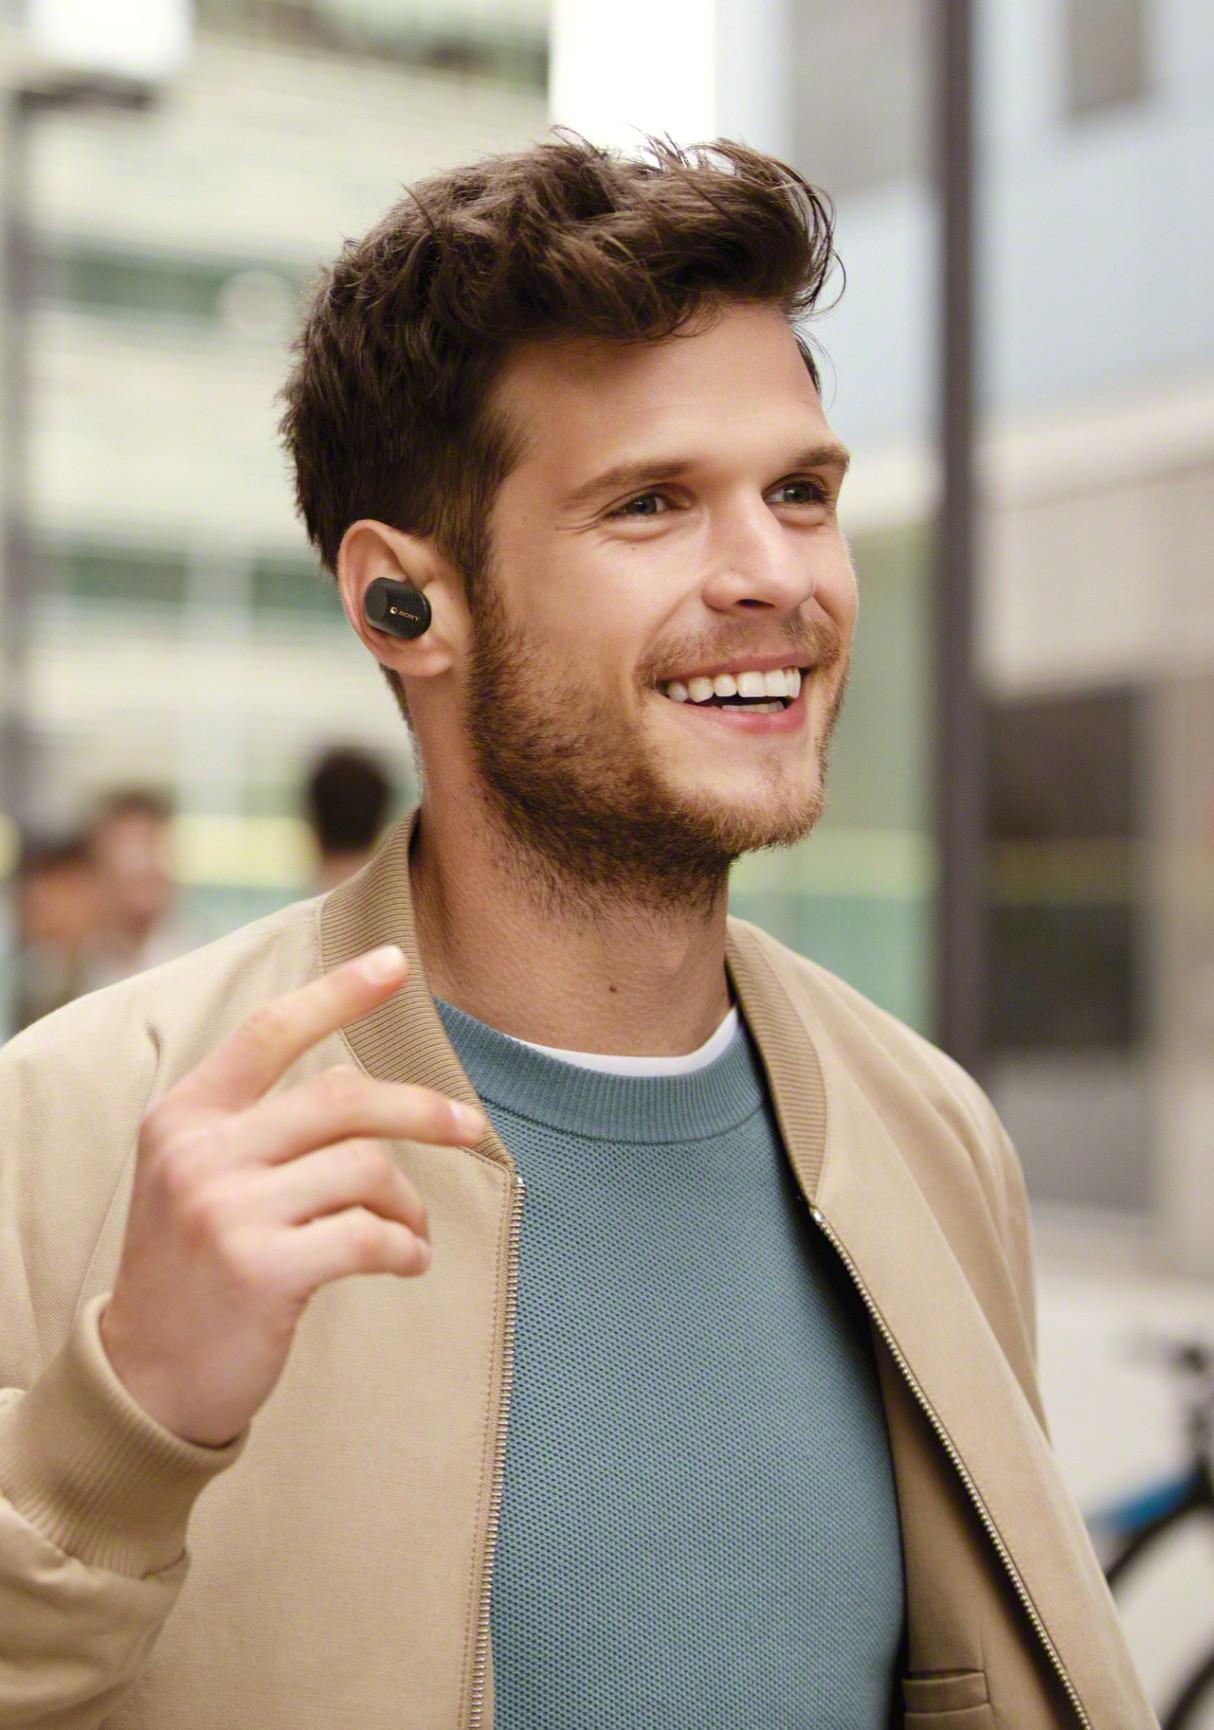 sony-wf-1000xm3-earphones-lifestyle-2